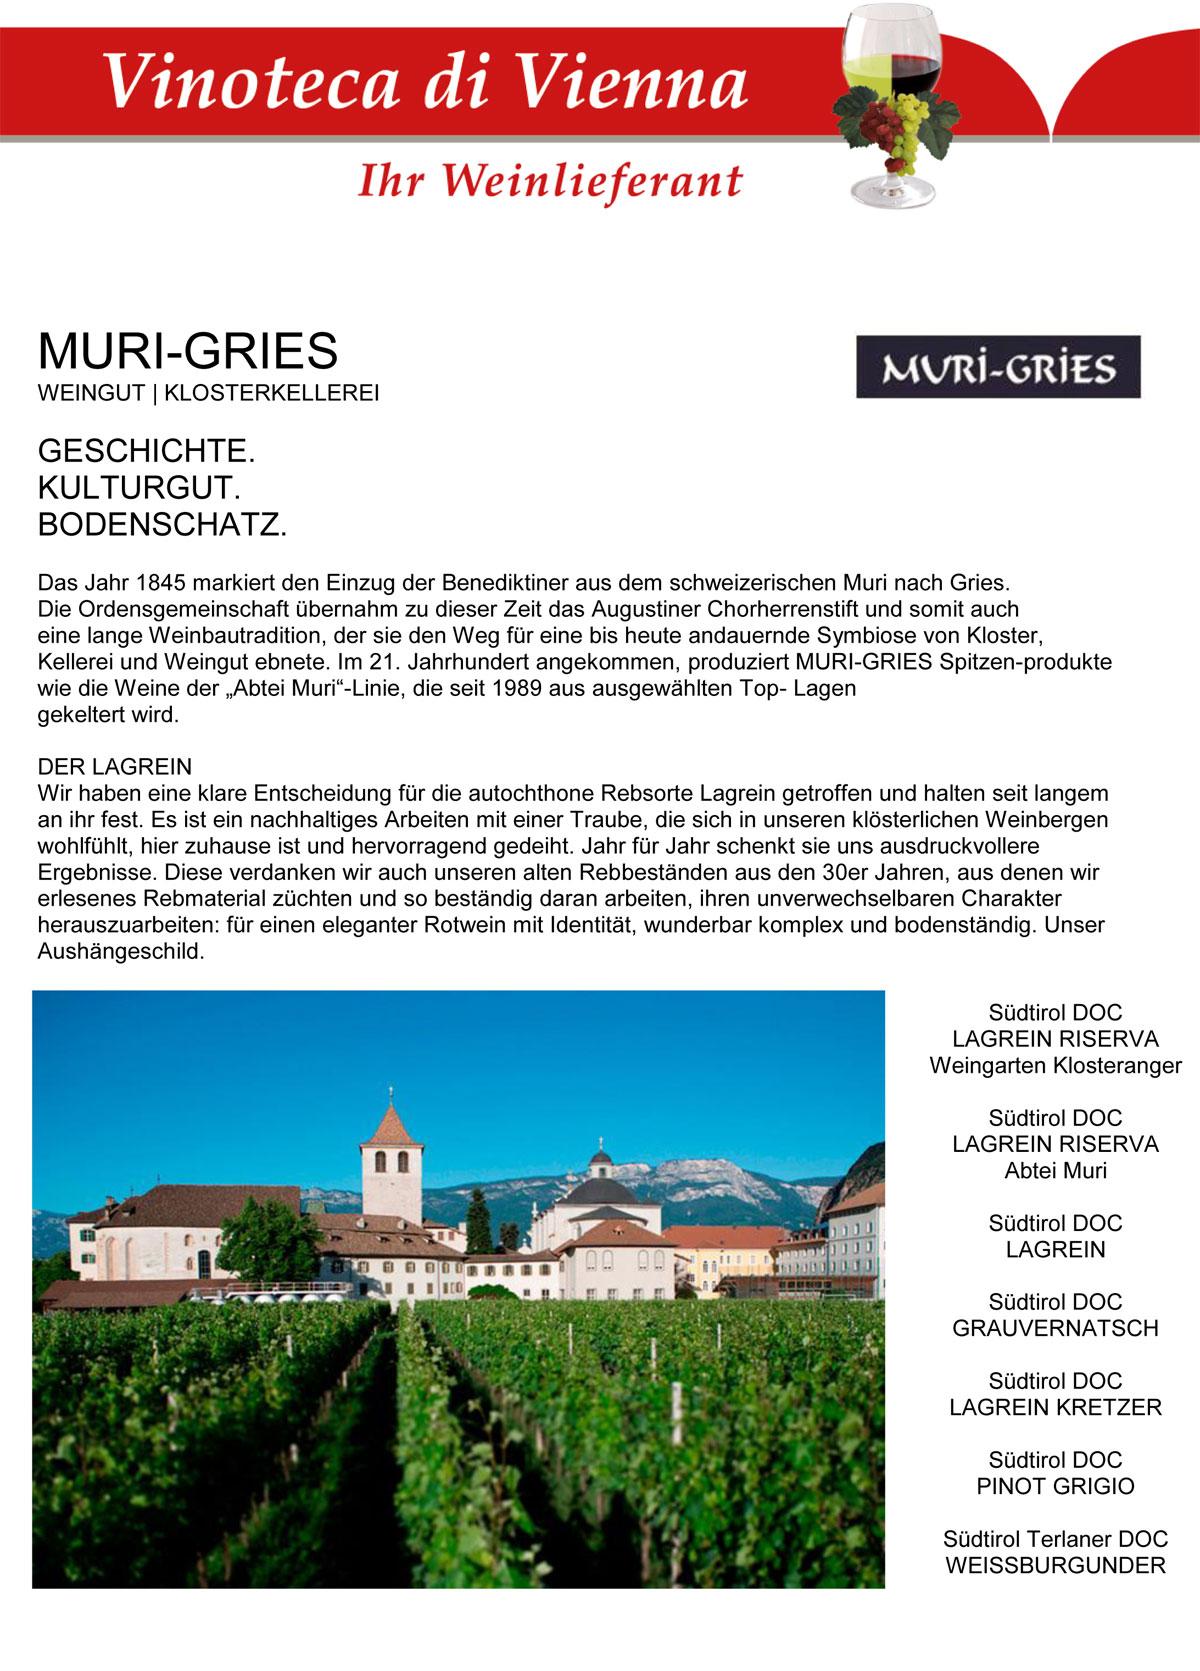 Muri Gries, Weingut, Klosterkellerei